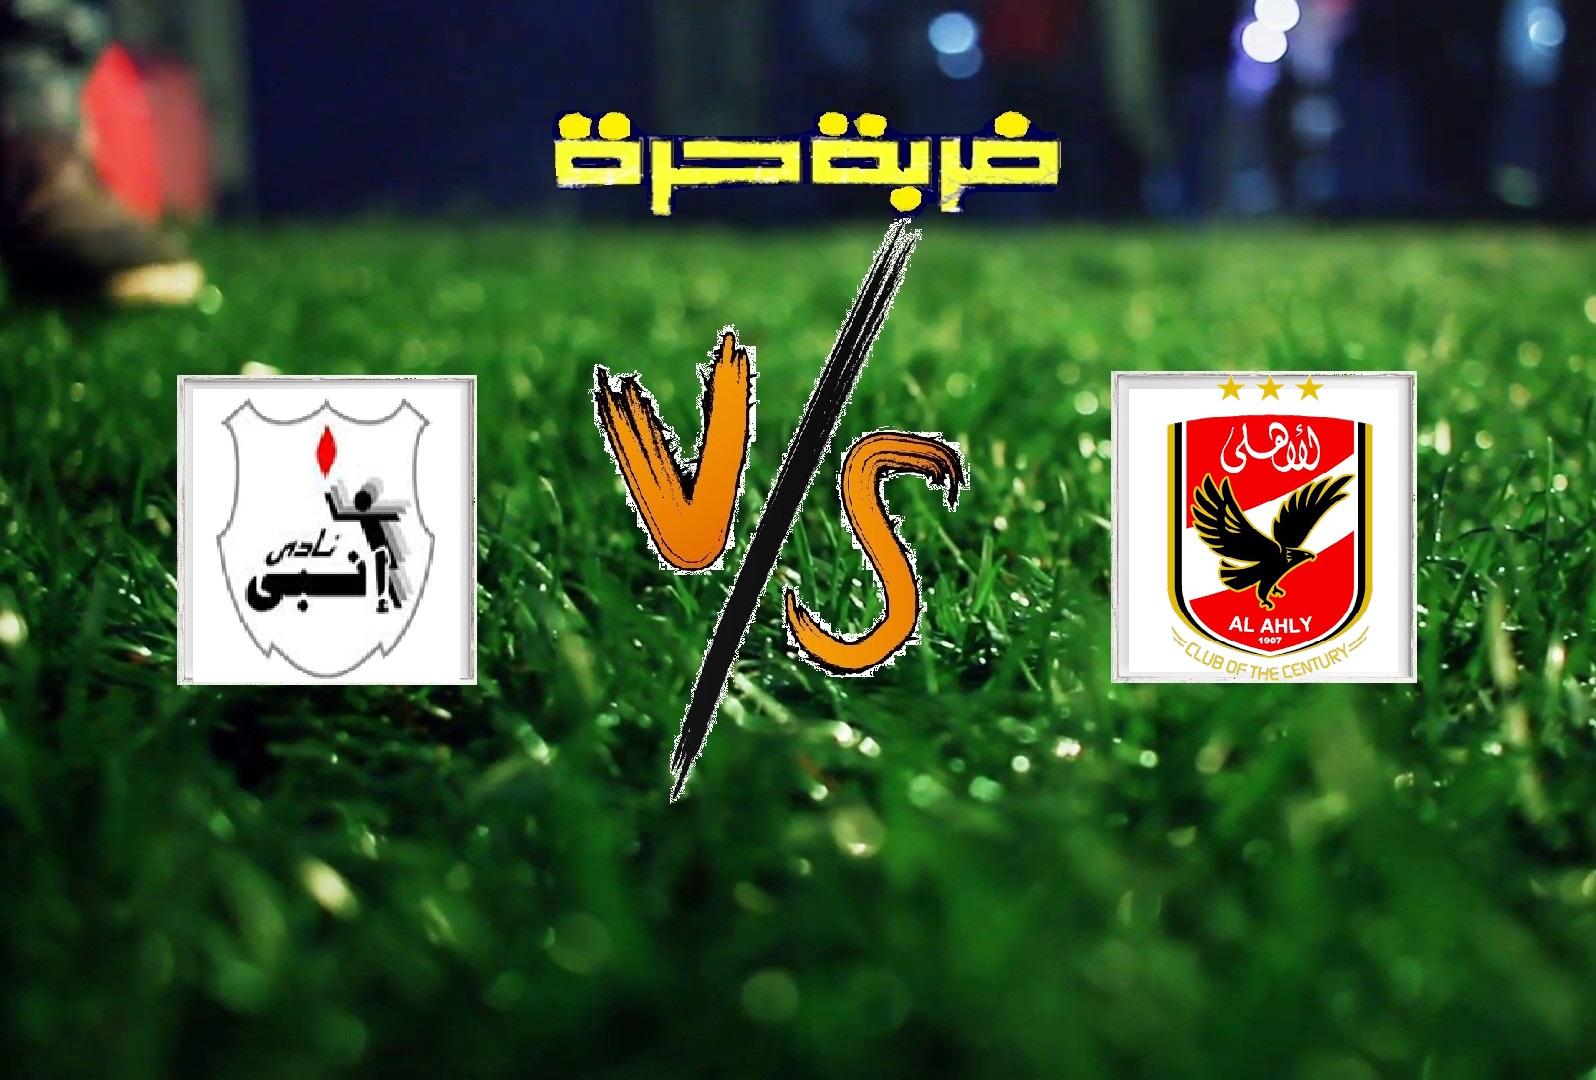 ملخص مباراة الاهلي وانبي اليوم الخميس بتاريخ 16-05-2019 الدوري المصري